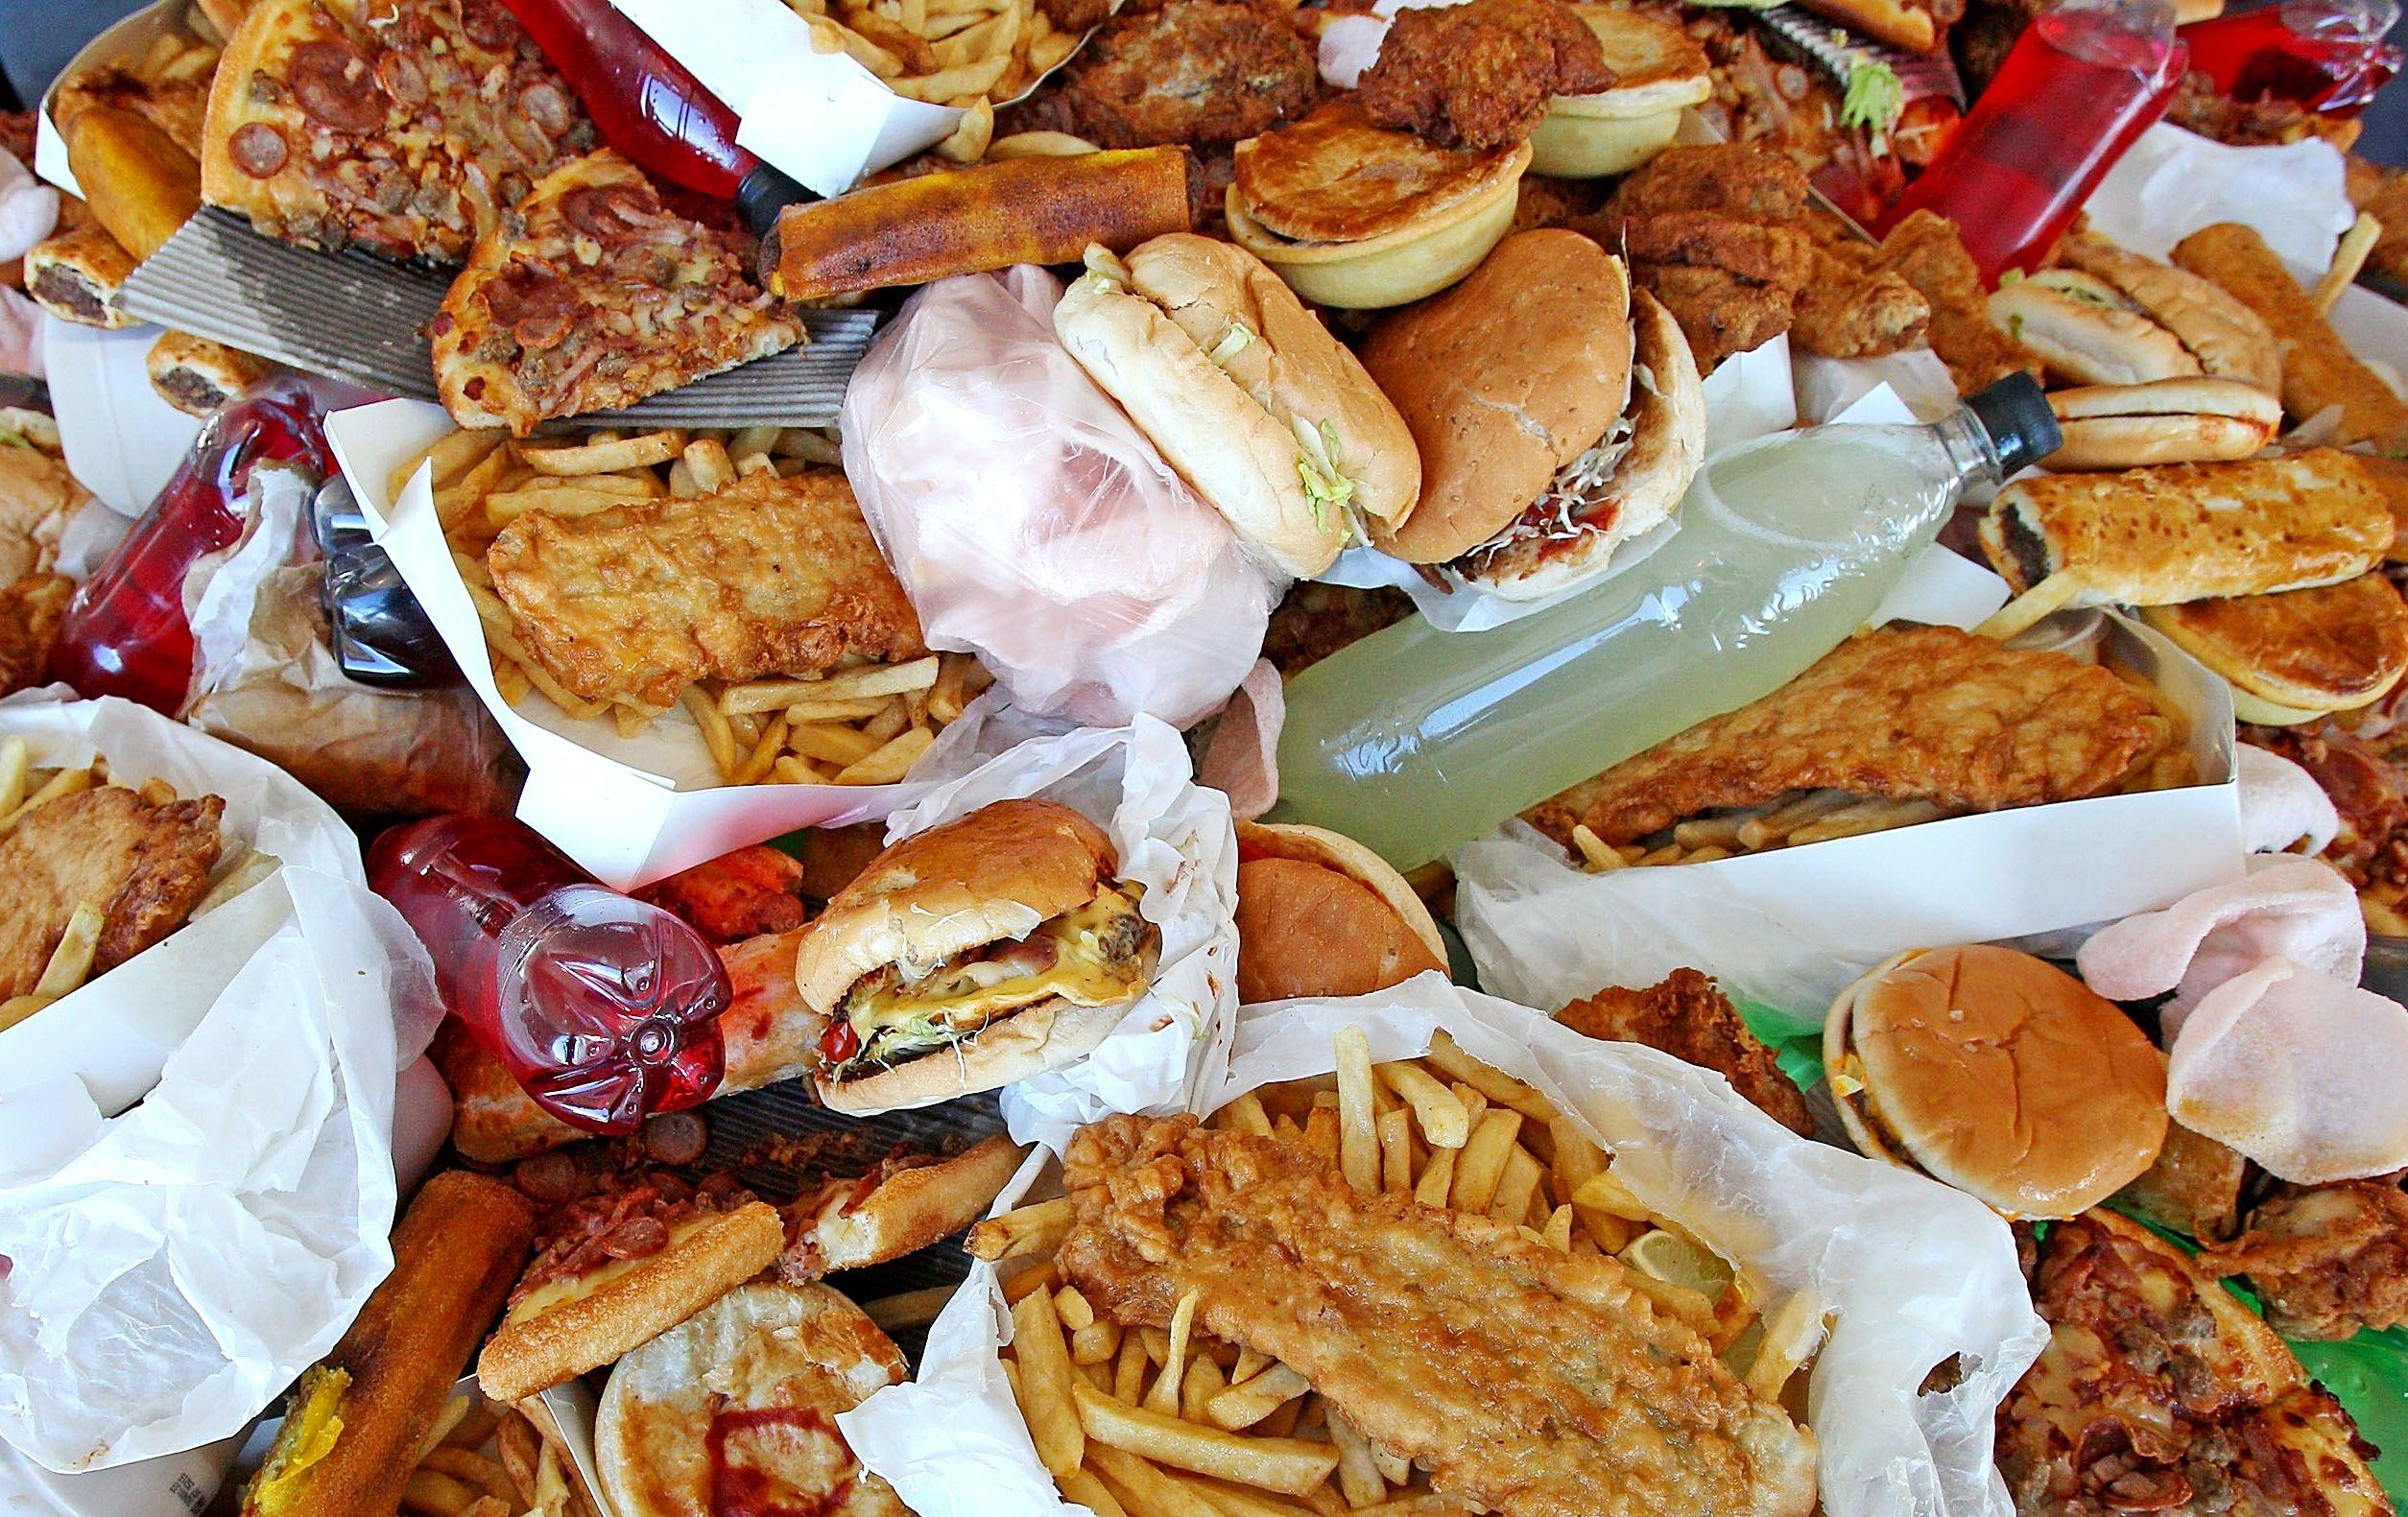 diete sane per tutta la settimana